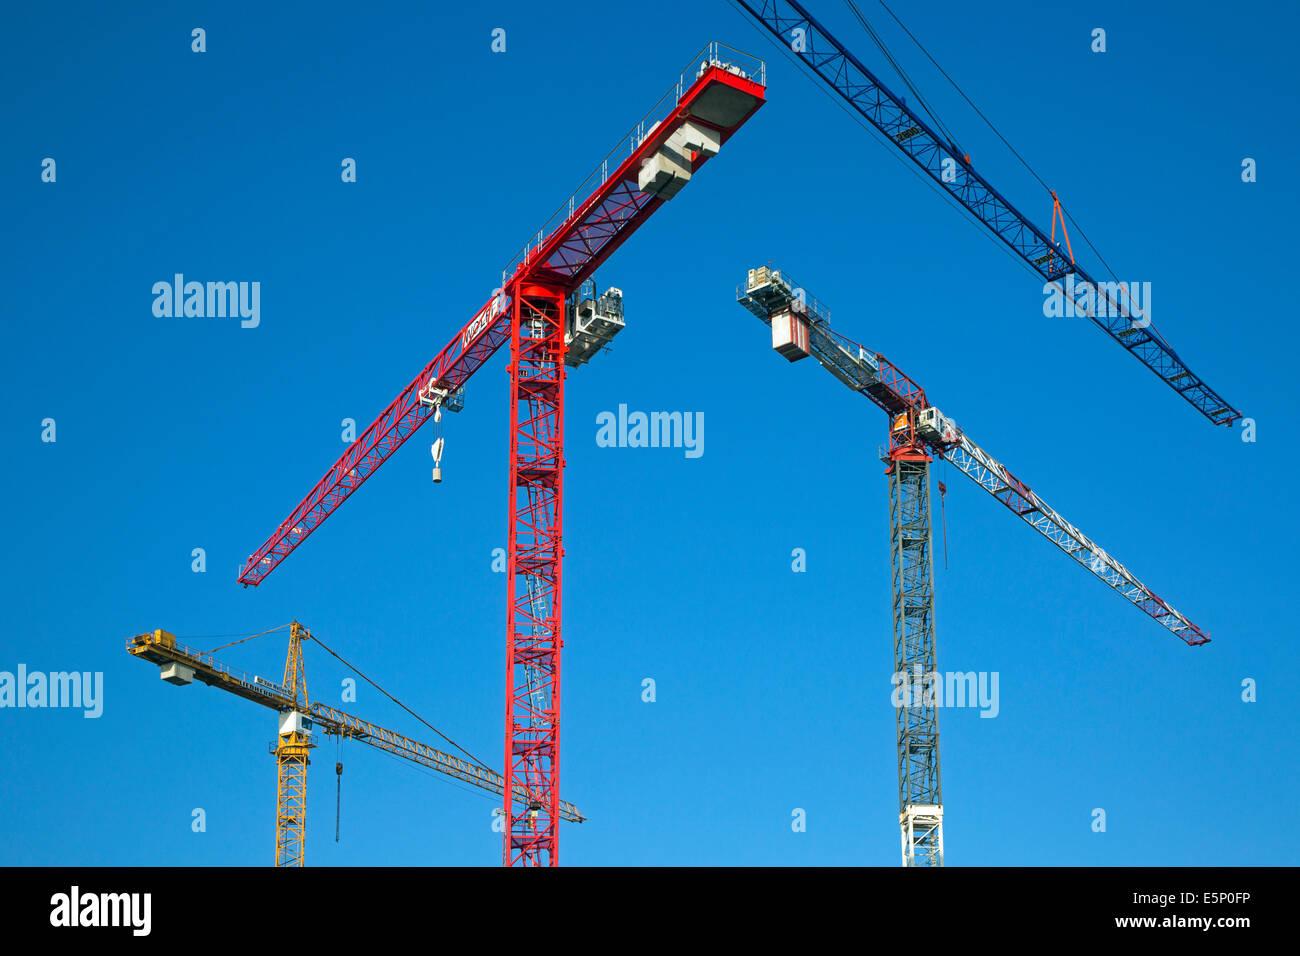 Grúas de construcción / grúa torre contra el cielo azul Imagen De Stock